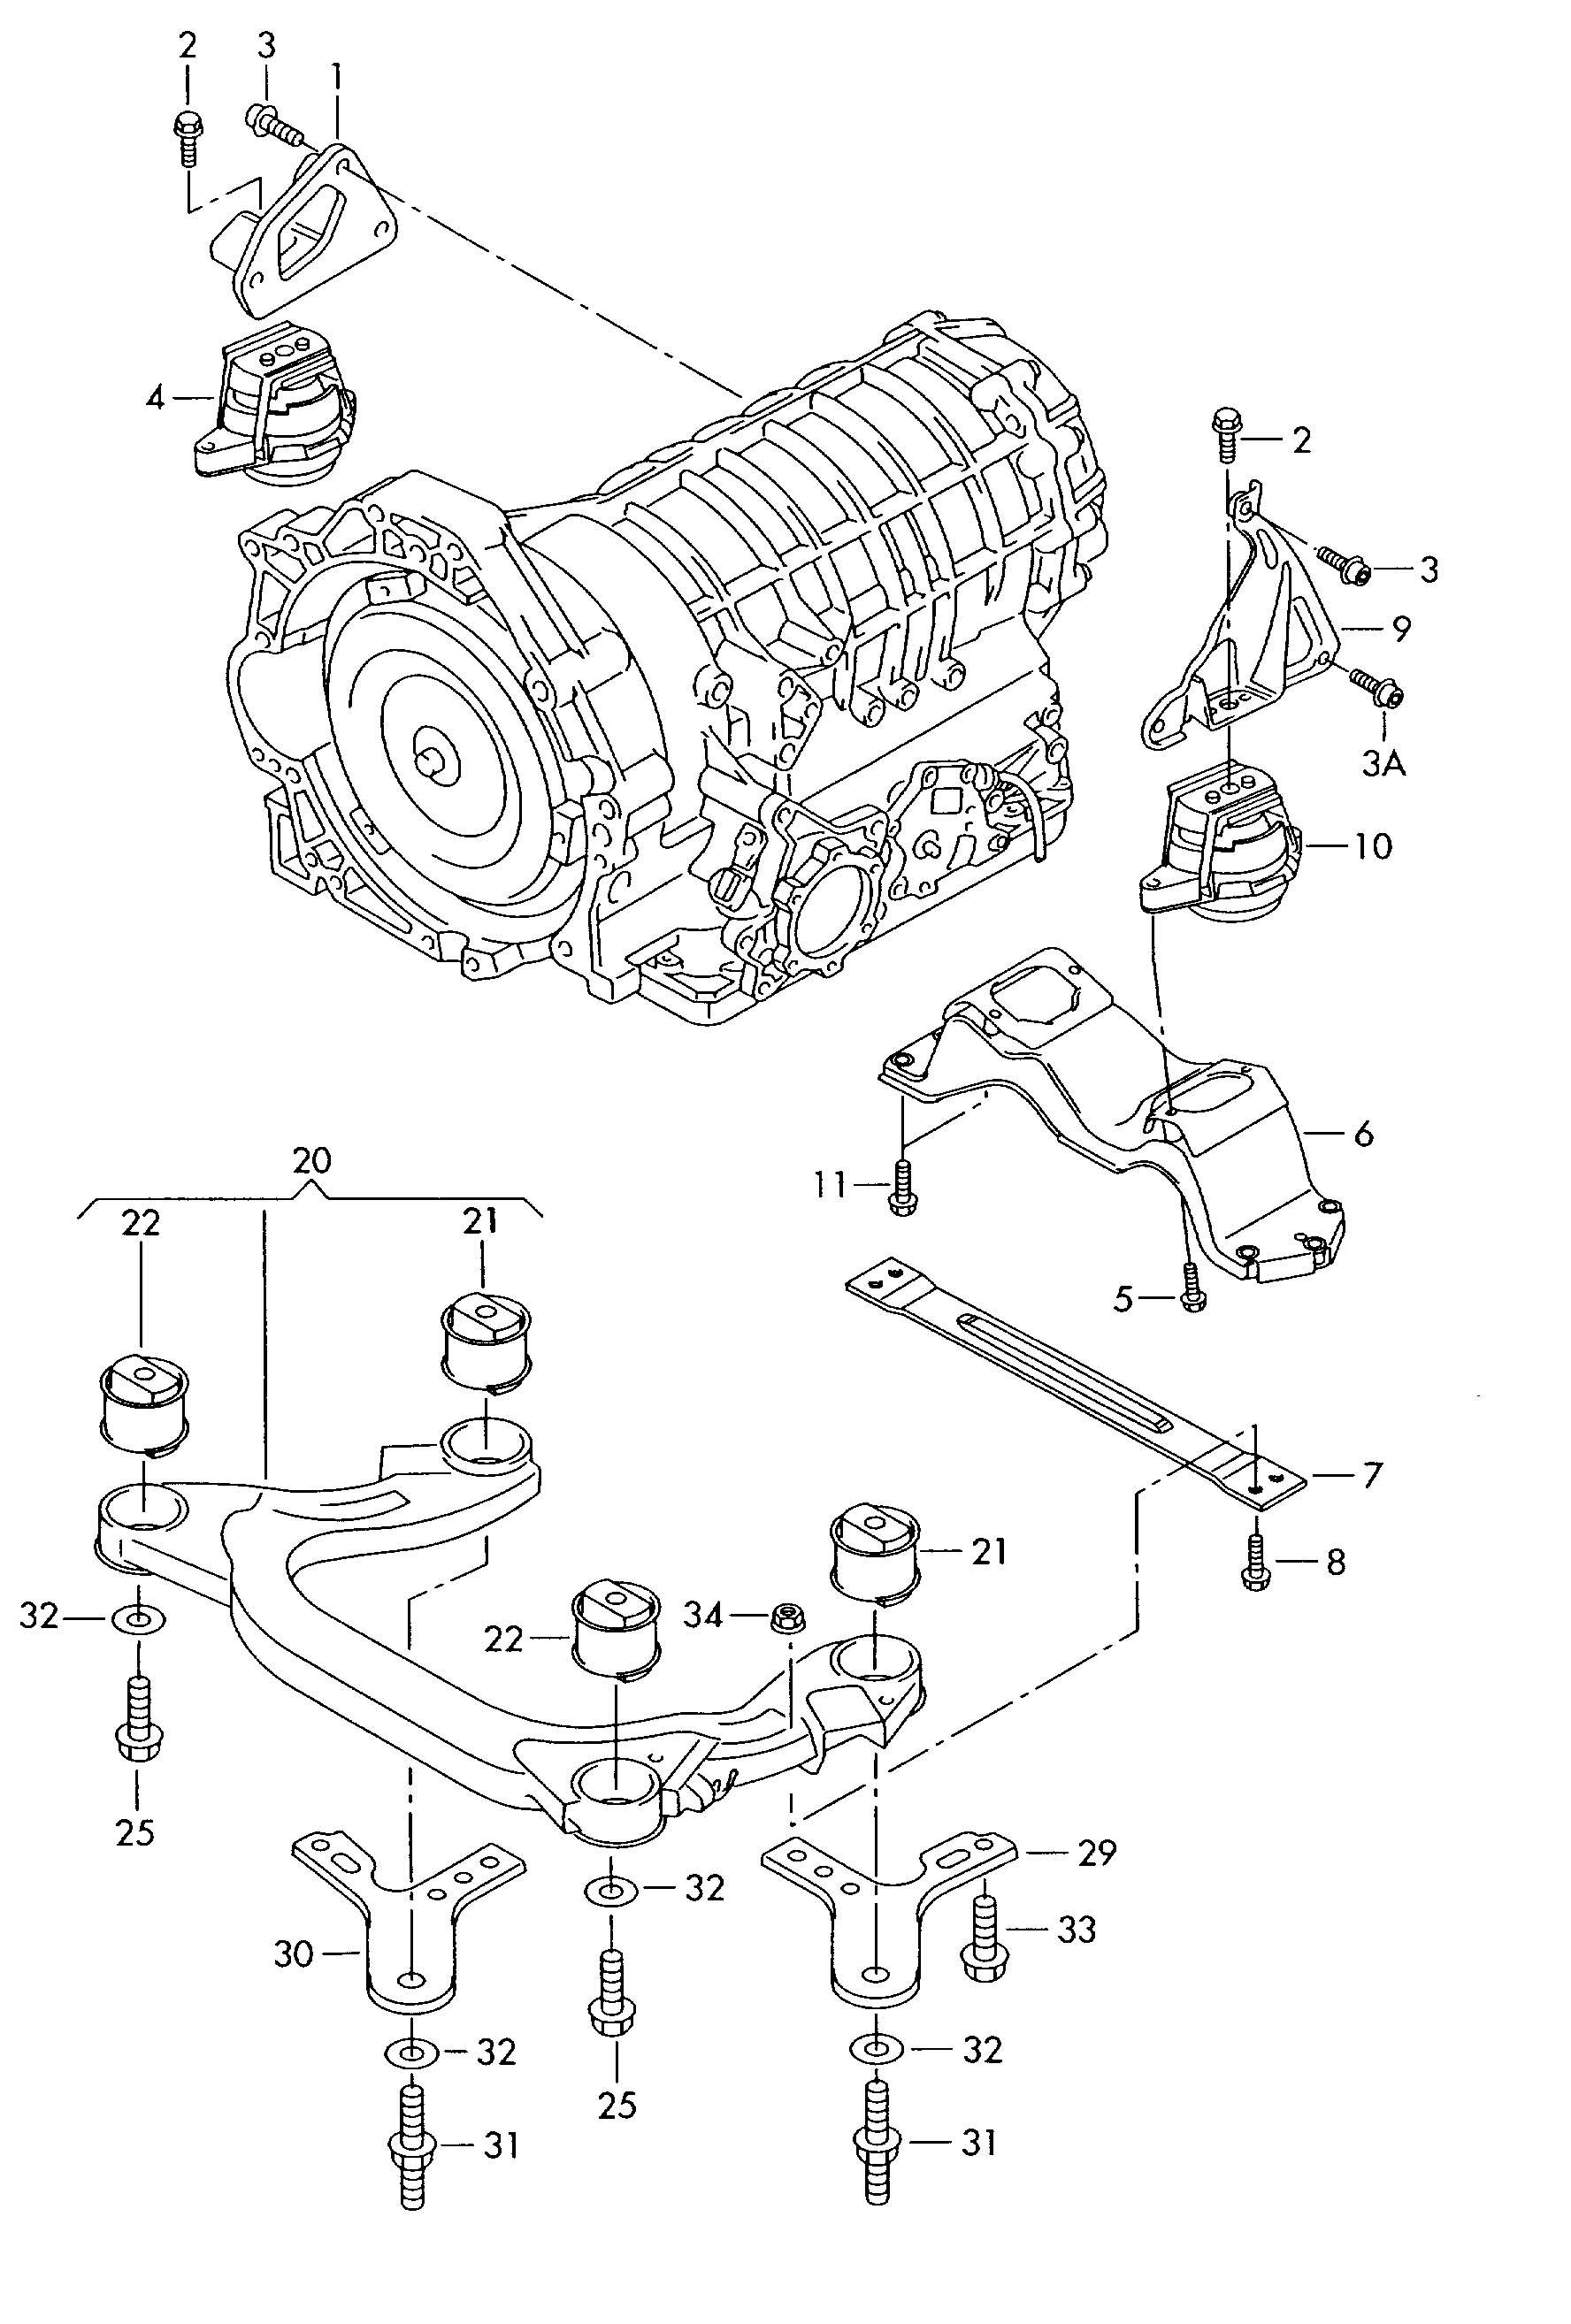 Volkswagen Phaeton Bonded Rubber Mounting